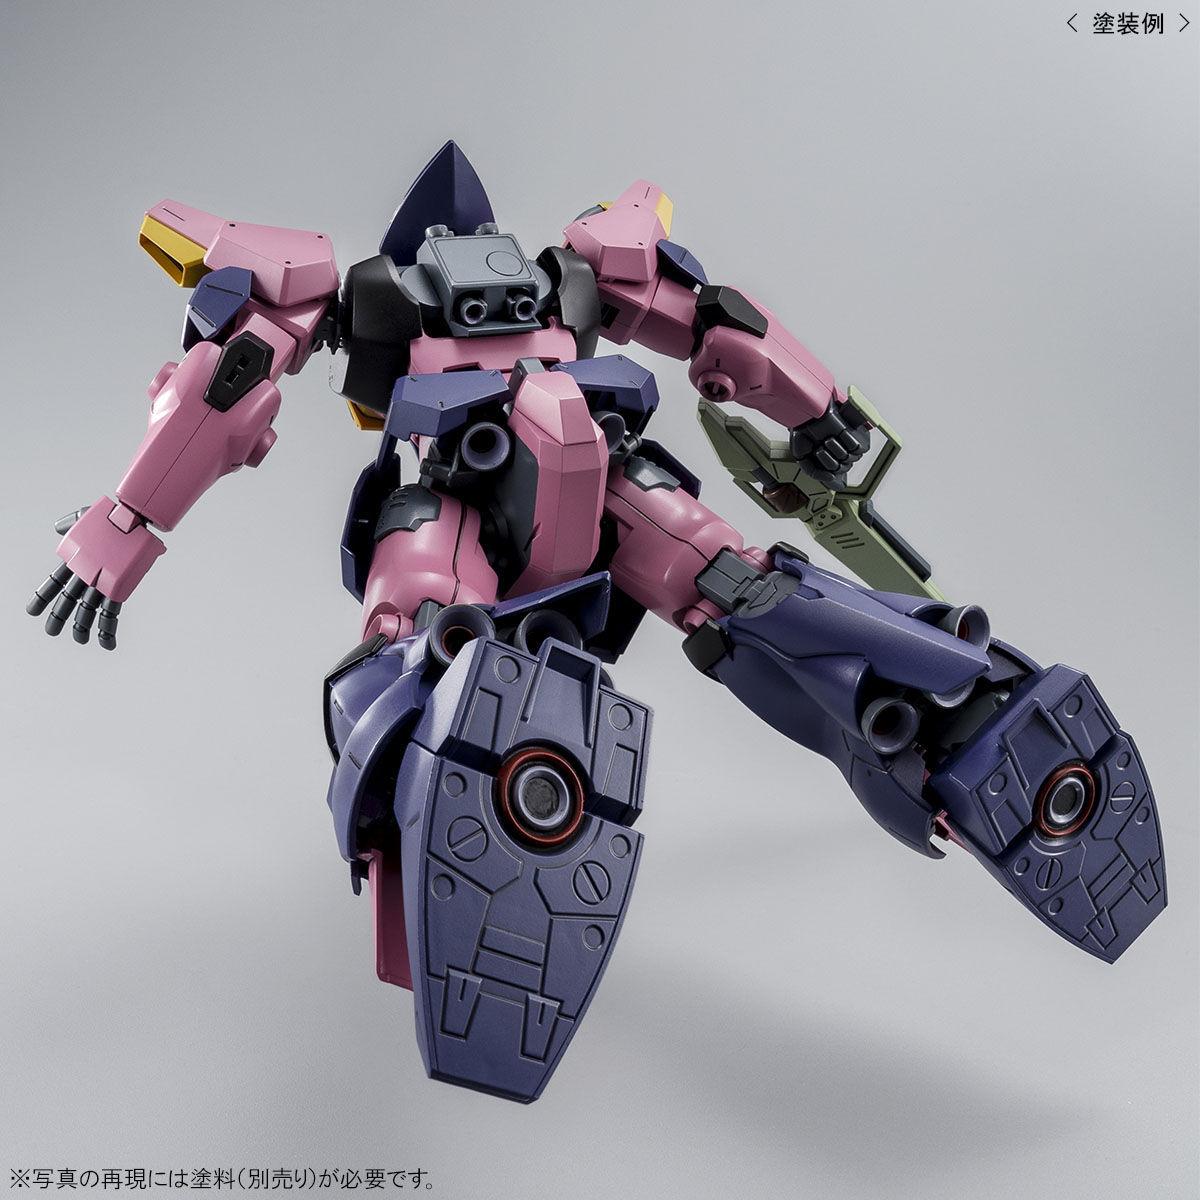 【限定販売】HG 1/144『メッサーF02型』機動戦士ガンダム 閃光のハサウェイ プラモデル-018